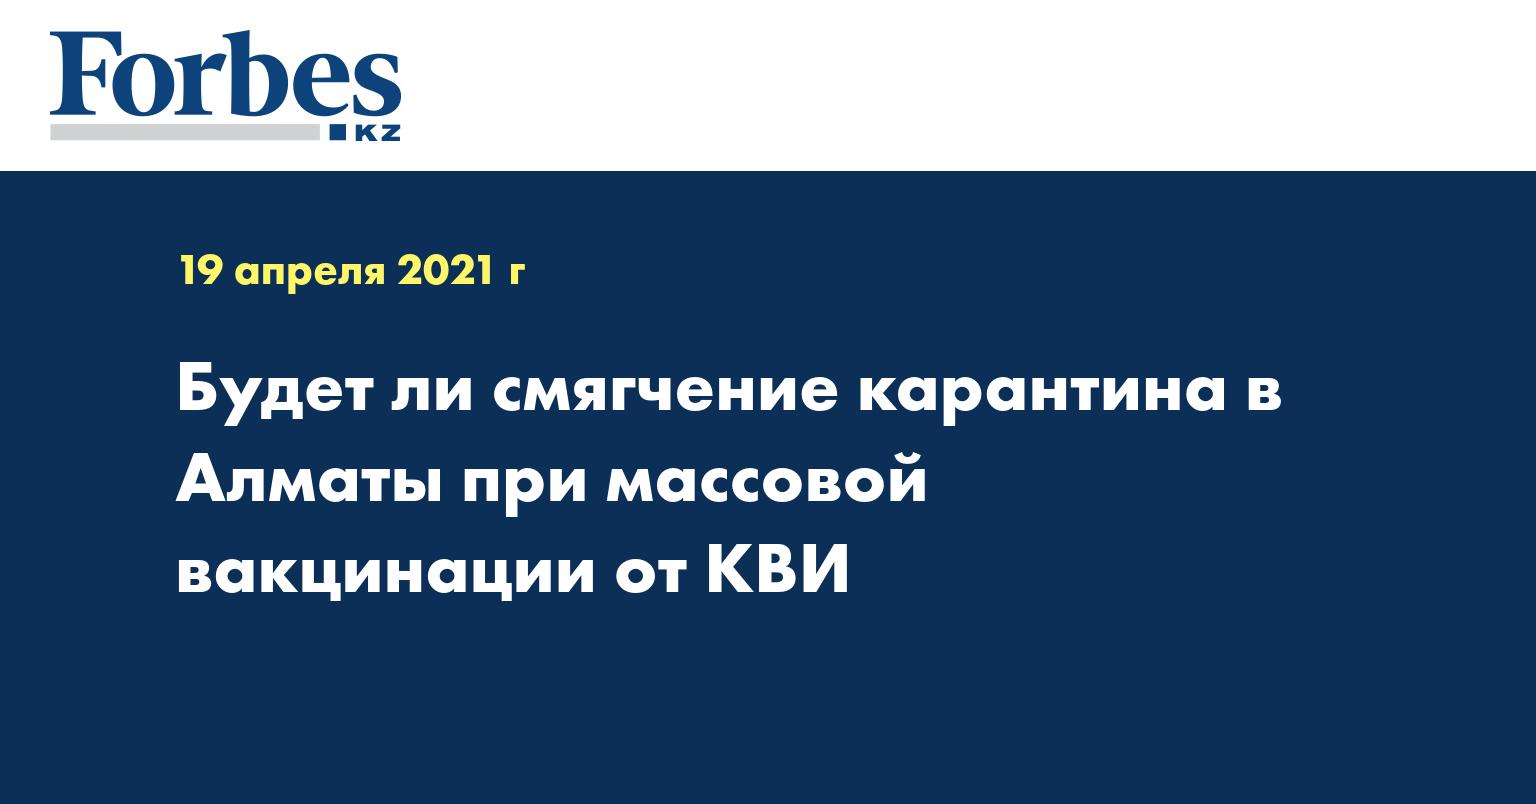 Будет ли смягчение карантина в Алматы при массовой вакцинации от КВИ